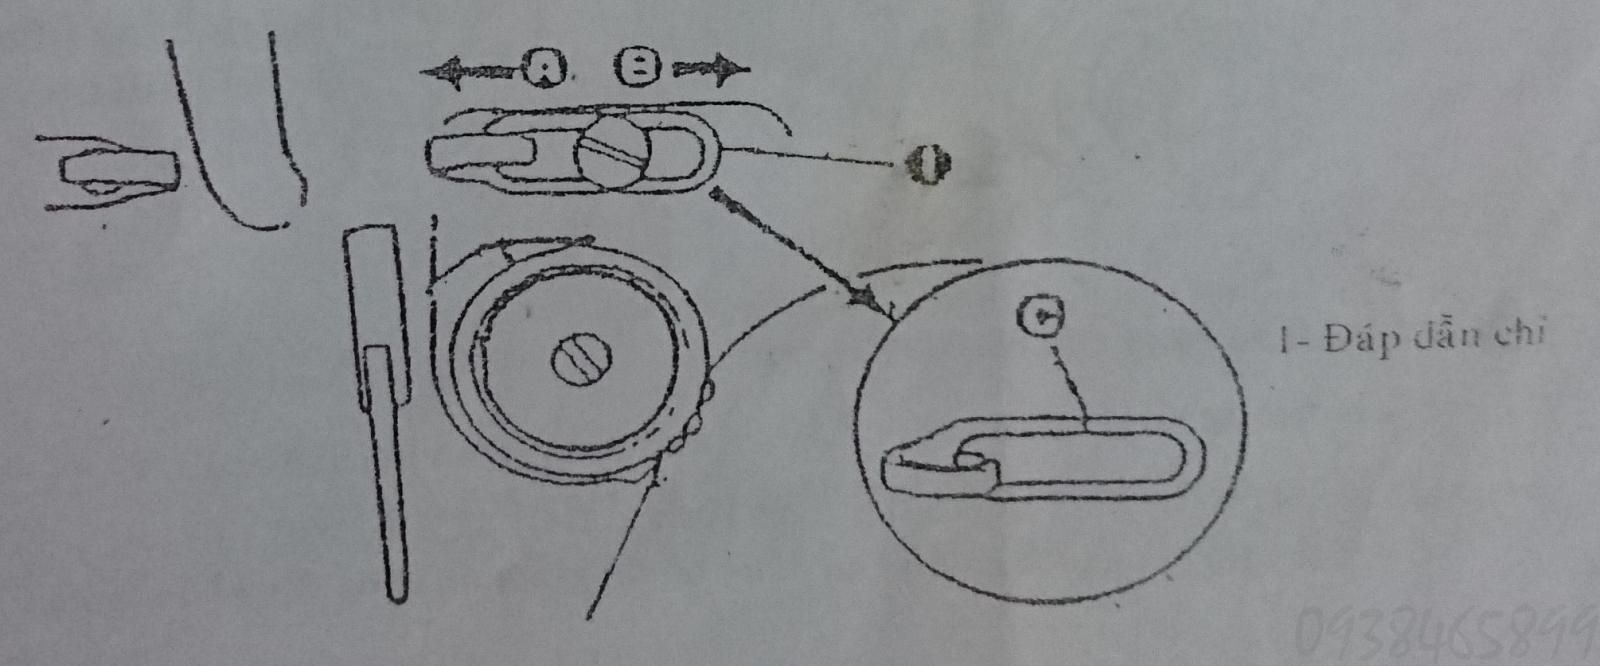 Cò đáp chỉ của máy may một kim